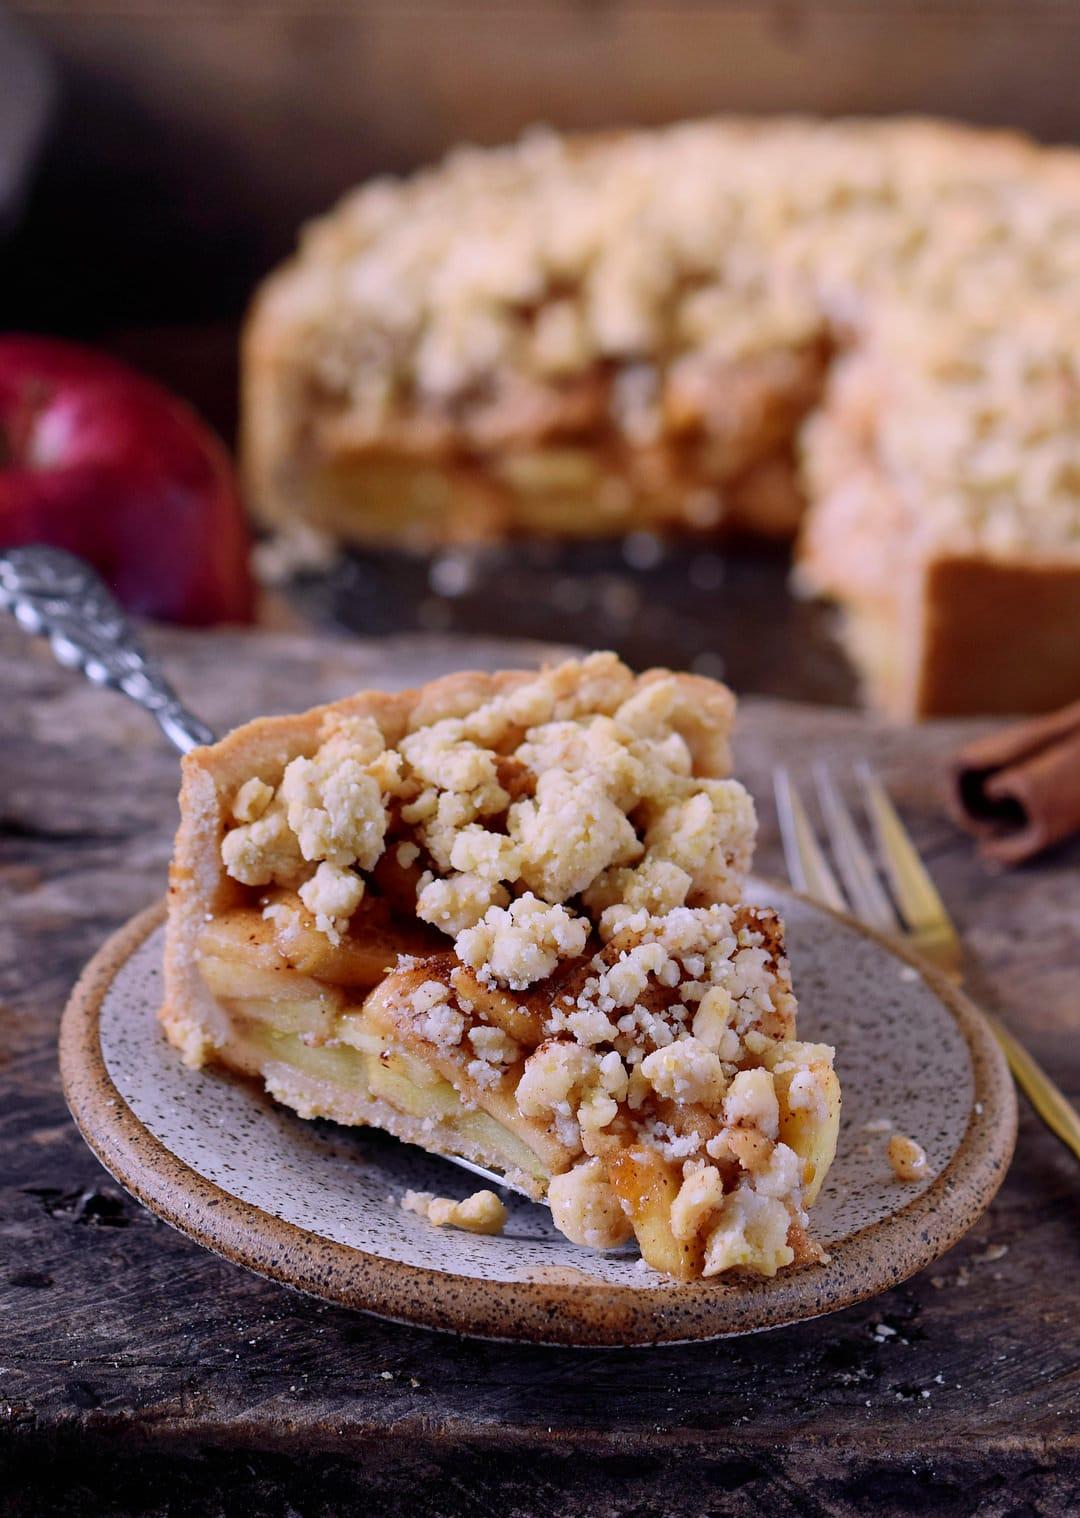 Ein großes Stück von veganem Apfel-Streuselkuchen auf einem Teller